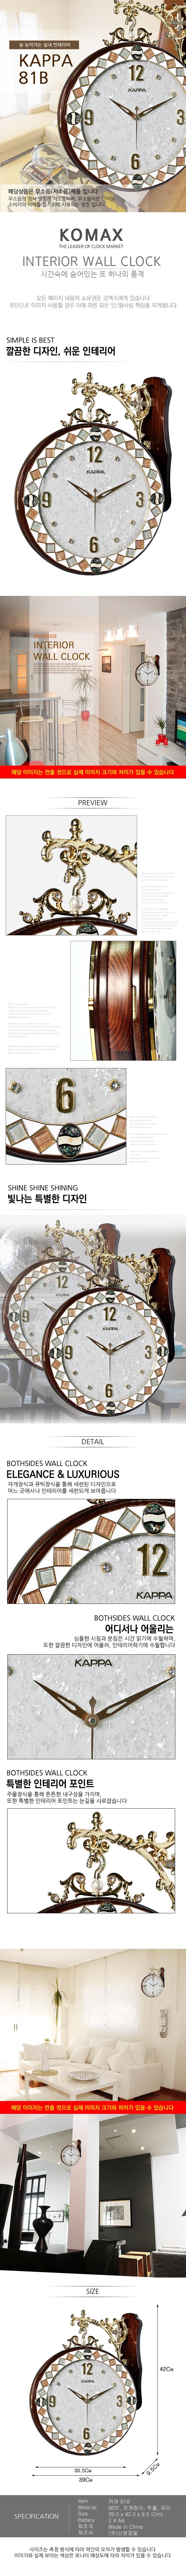 카파 81B 무소음 양면벽시계 - 코맥스, 106,300원, 양면시계, 앤틱